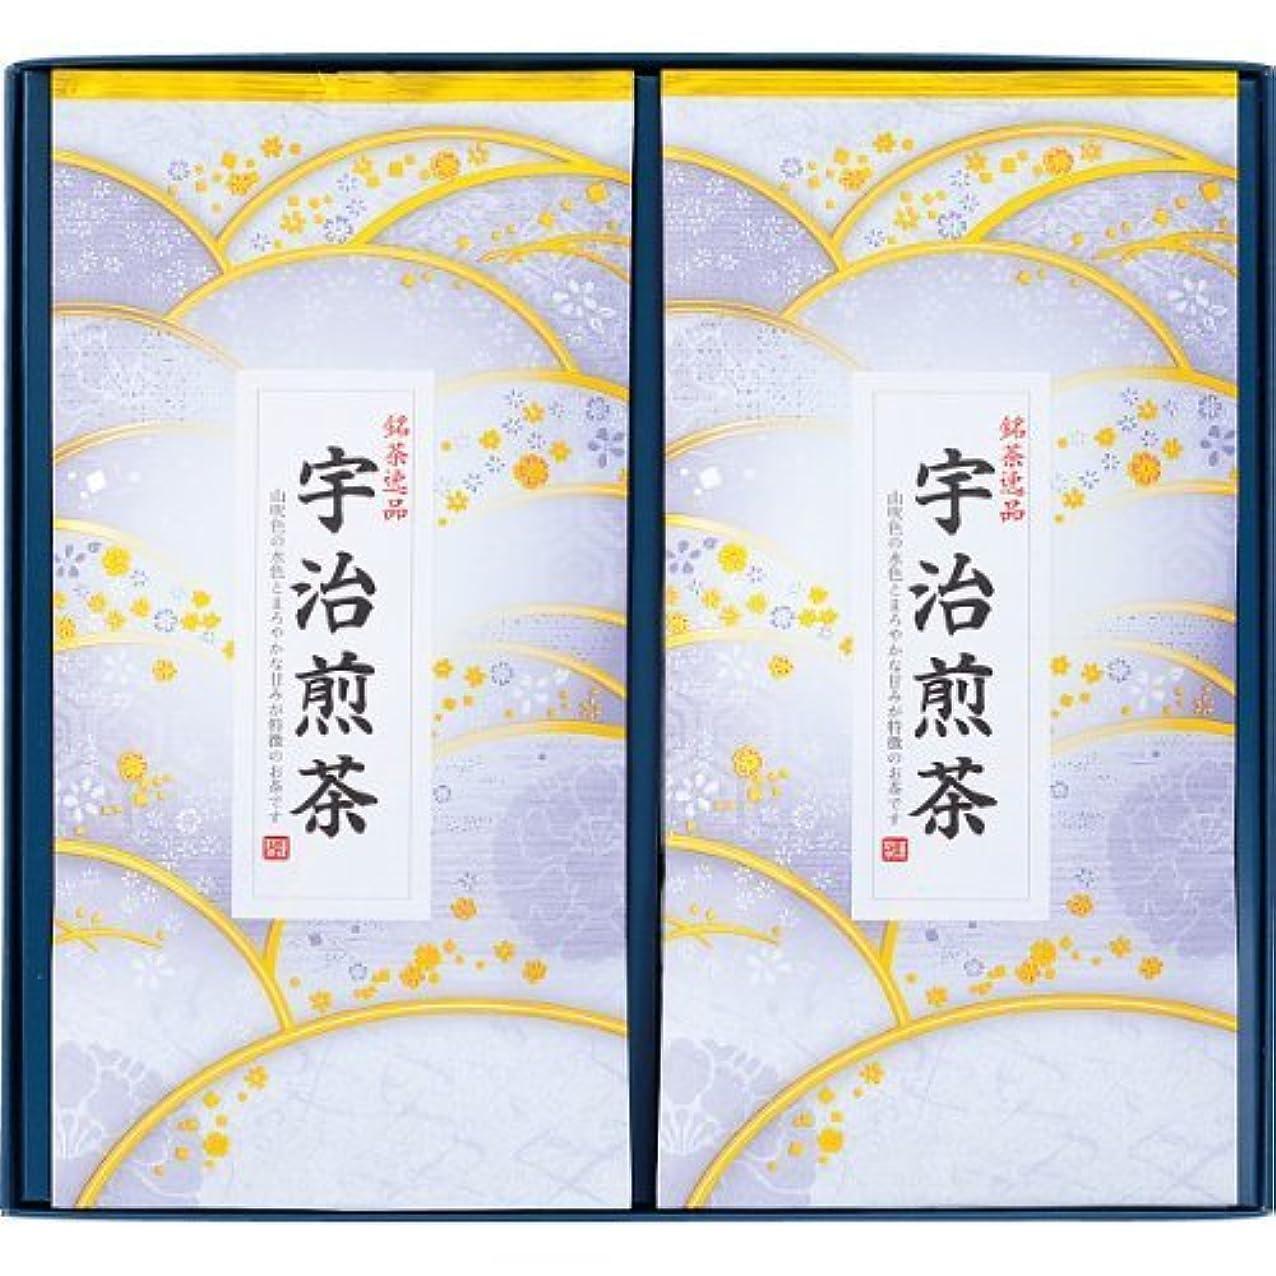 滑り台小さい球状芳香園製茶 宇治銘茶詰合せ HEU-202